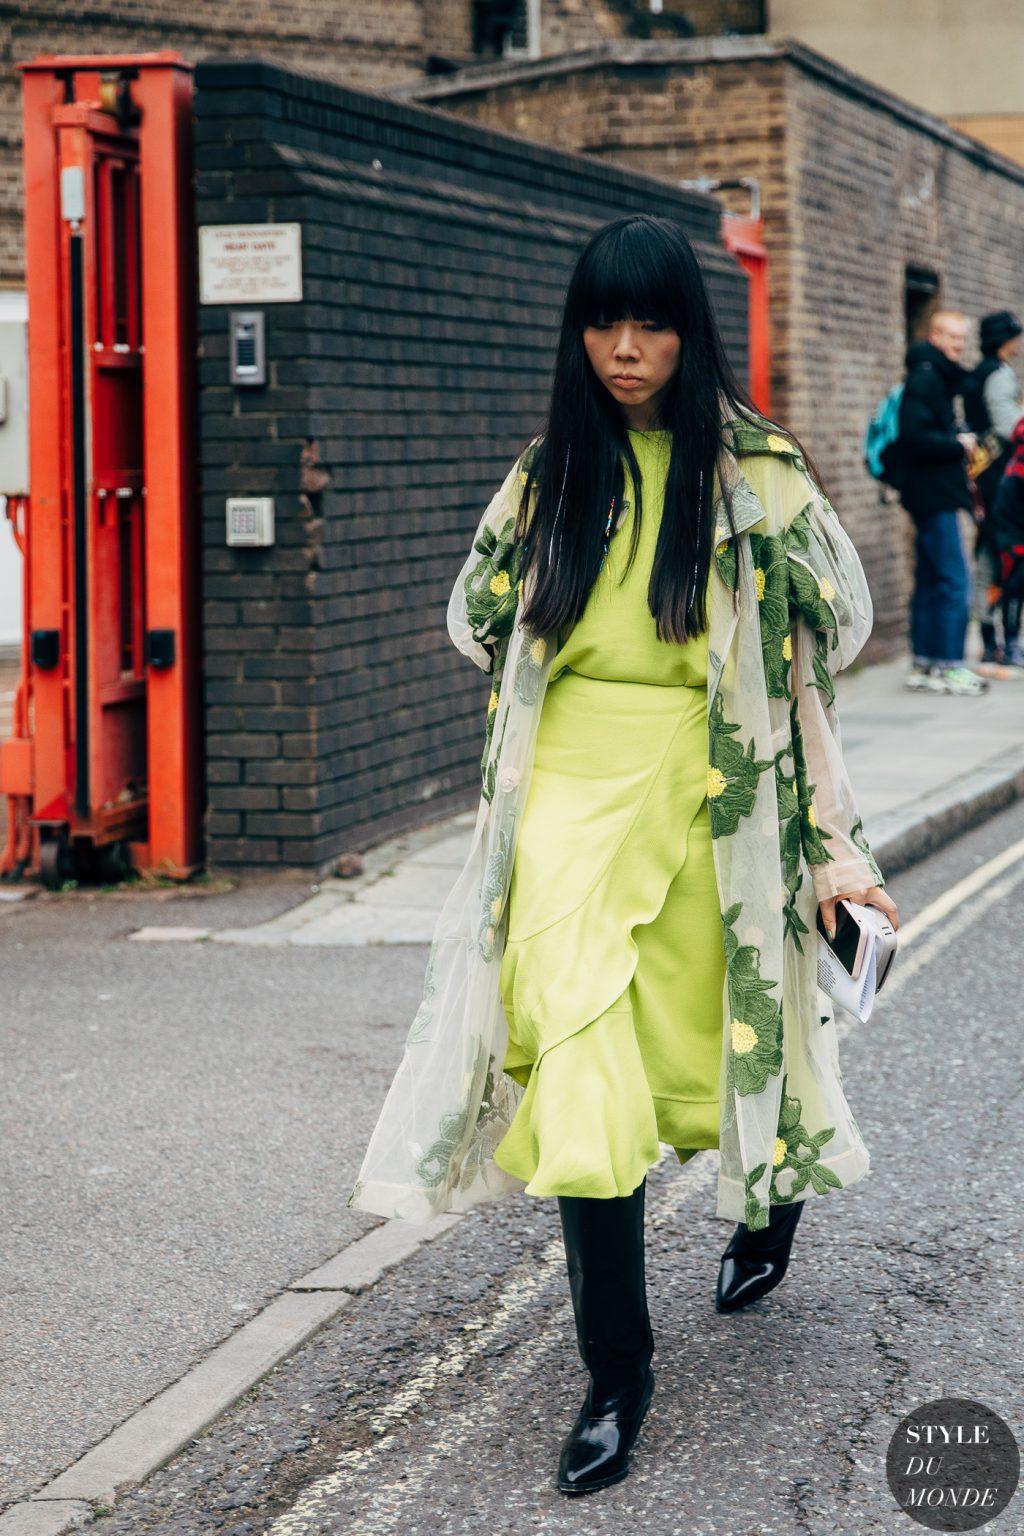 đầm màu lime green và áo khoác hoa